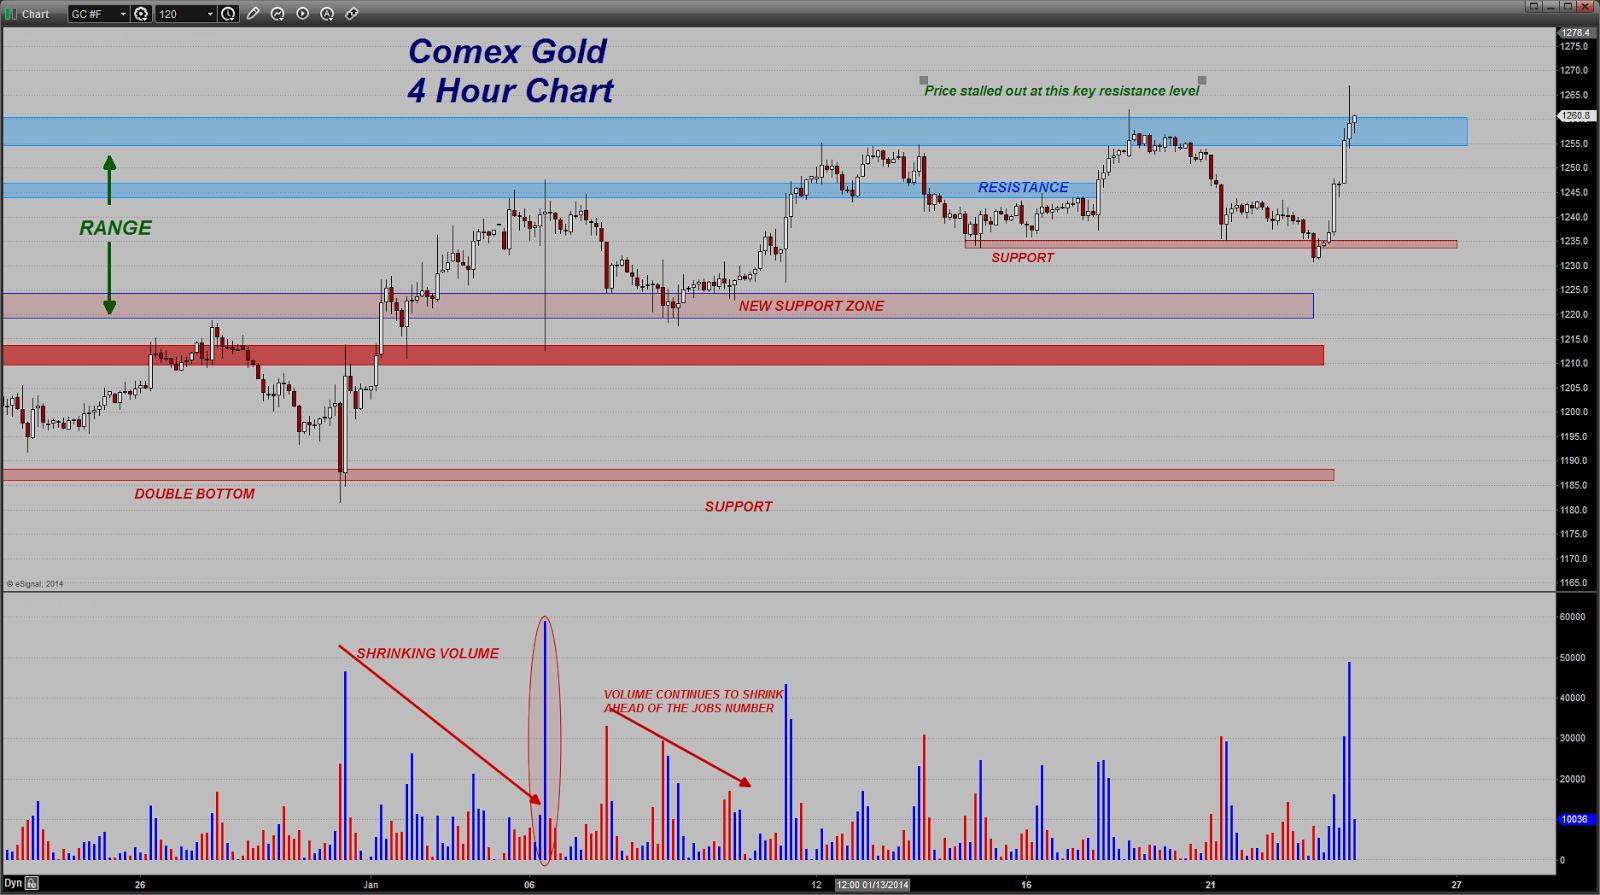 prix de l'or, de l'argent et des minières / suivi quotidien en clôture - Page 9 Chart20140123084346